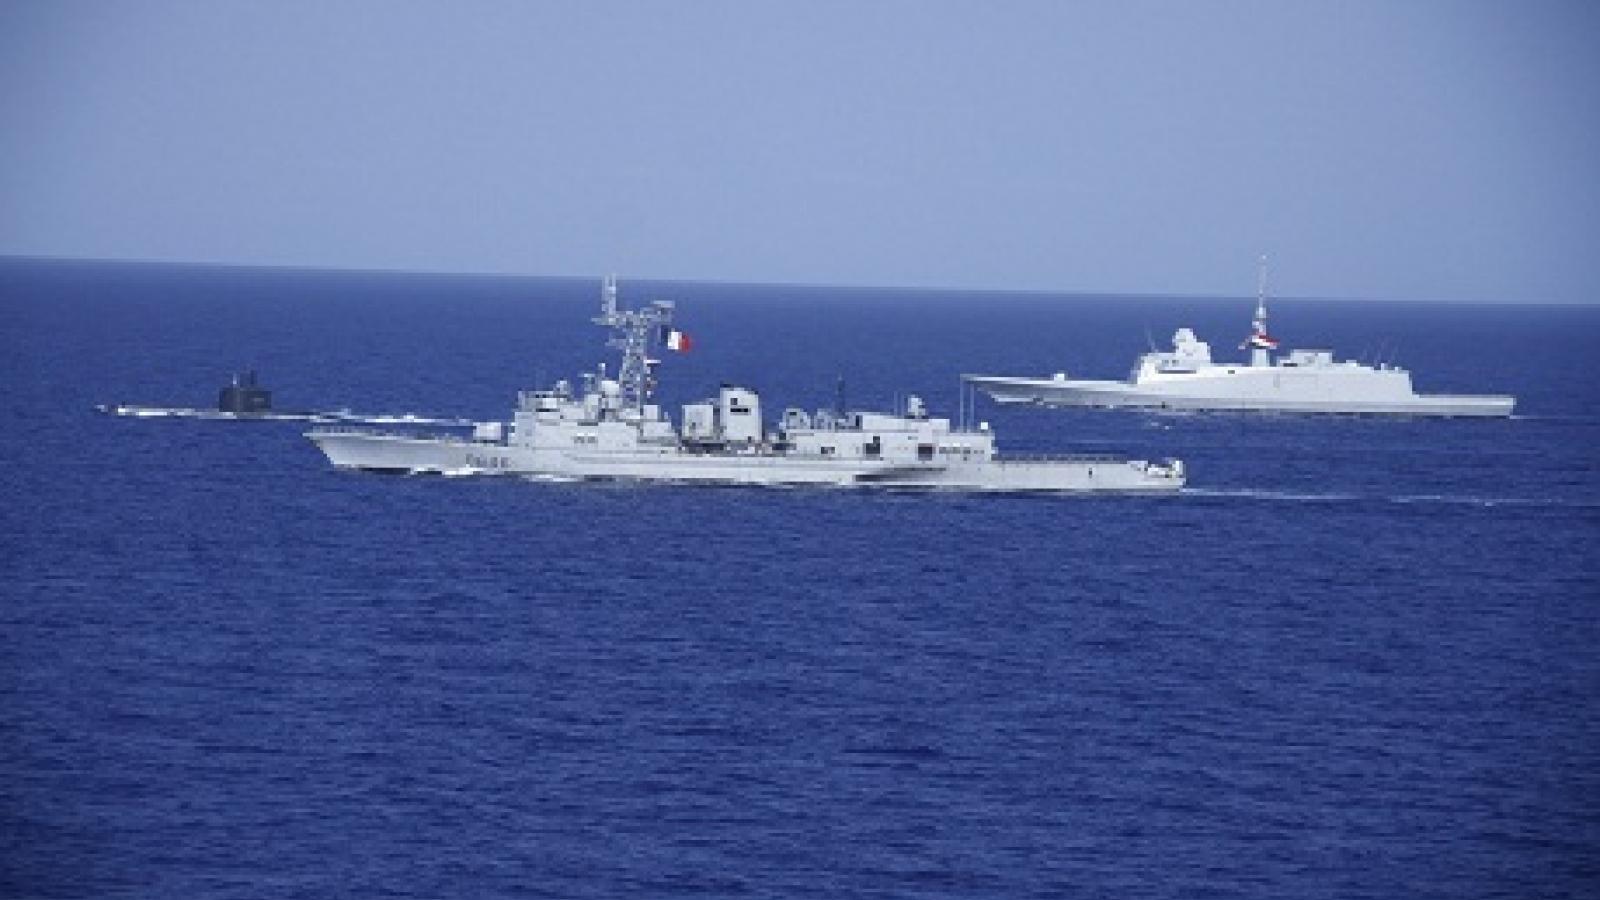 Ai Cập và Pháp tập trận chung tại vùng biển Địa Trung Hải